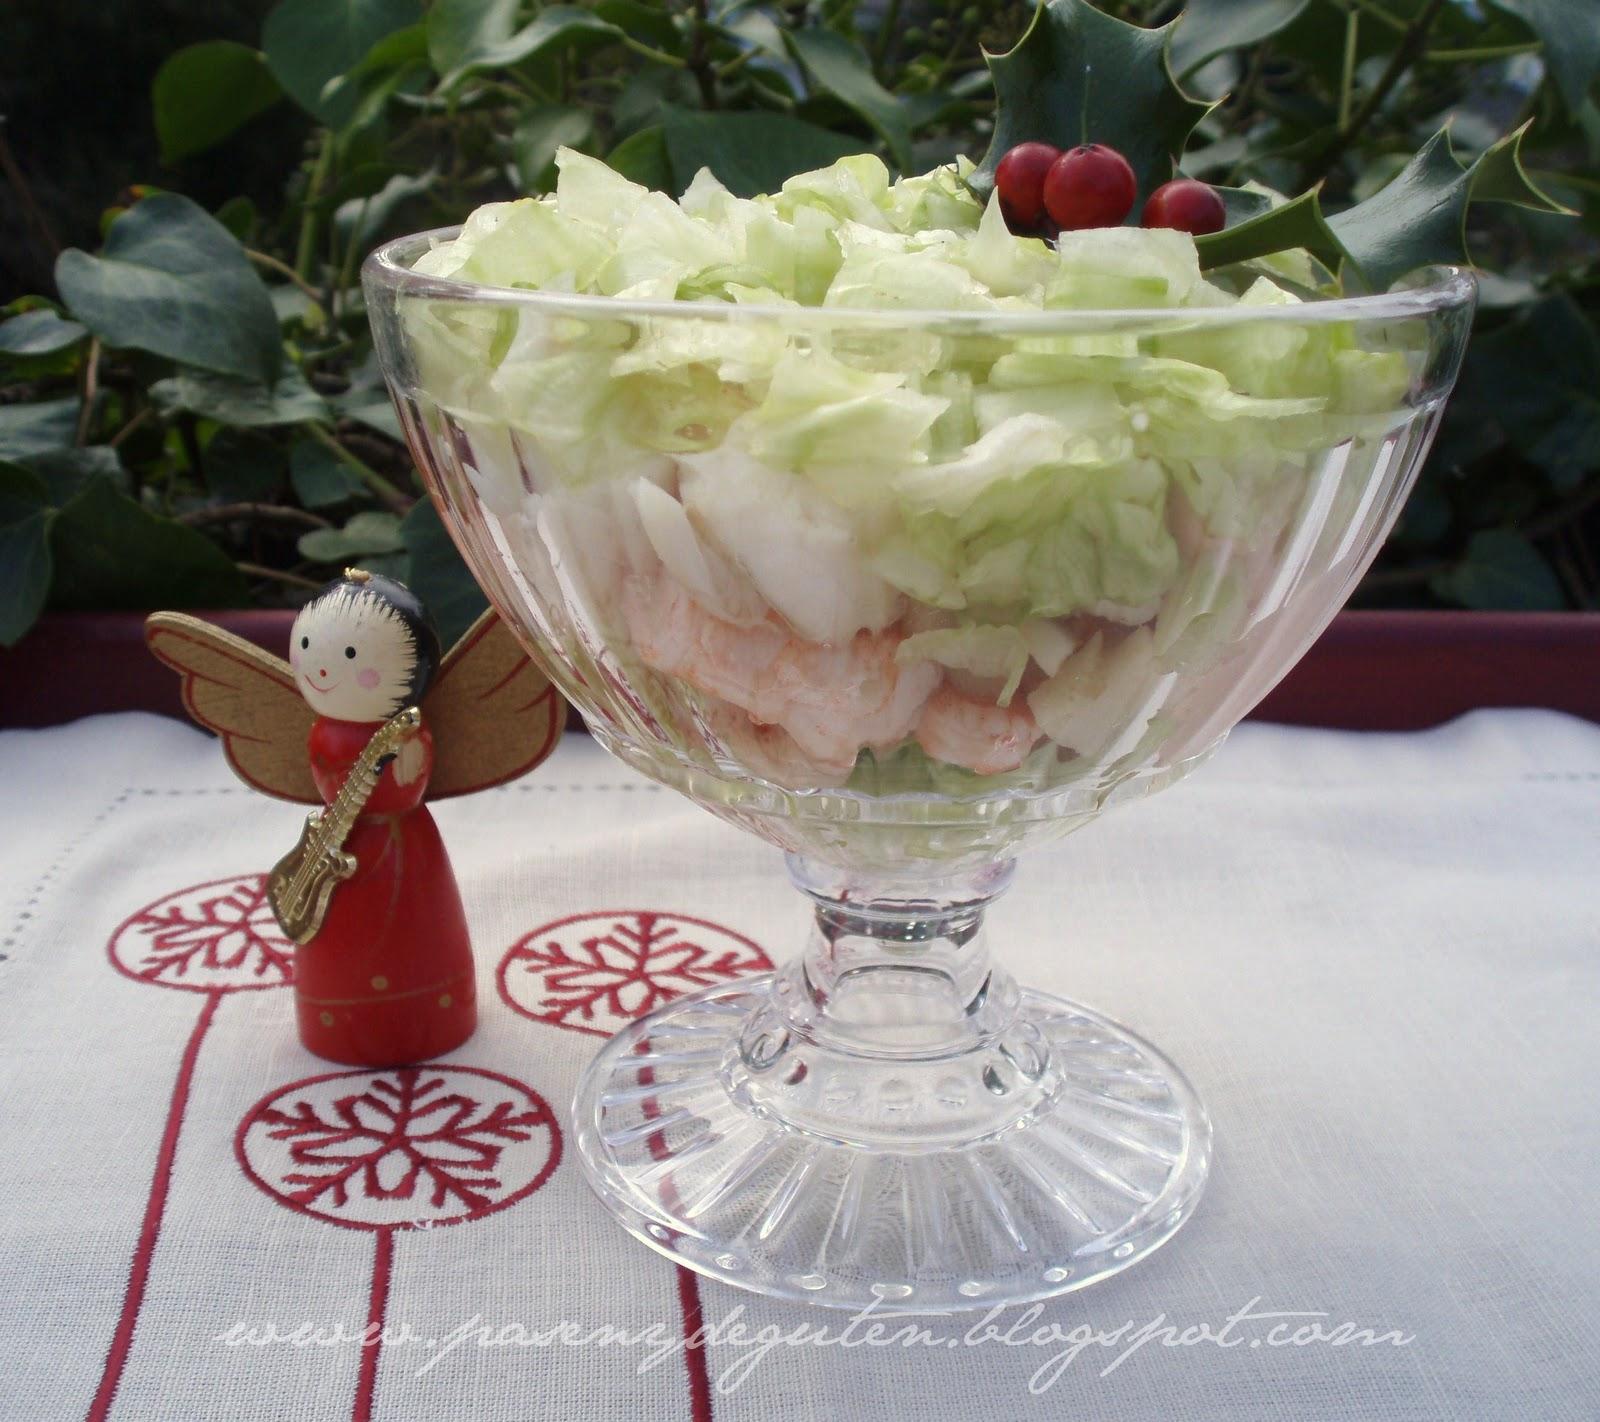 Pasen y degusten c ctel de marisco - Coctel de marisco ingredientes ...